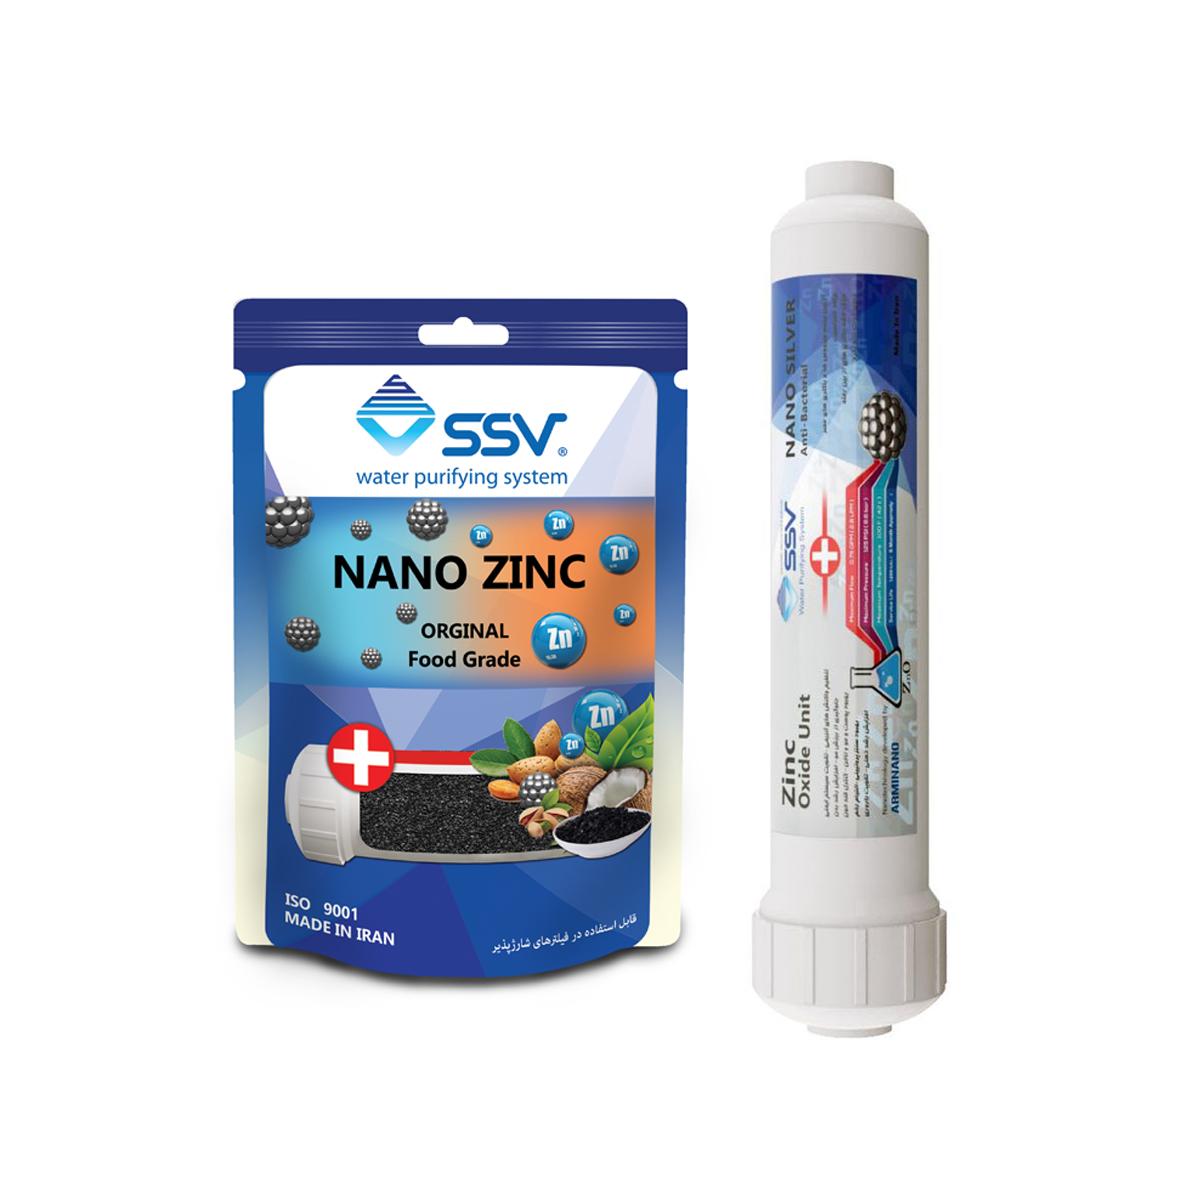 فیلتر دستگاه تصفیه کننده آب اس اس وی مدل  Nano/Zinc  به همراه شارژ یدک وزن 200 گرم